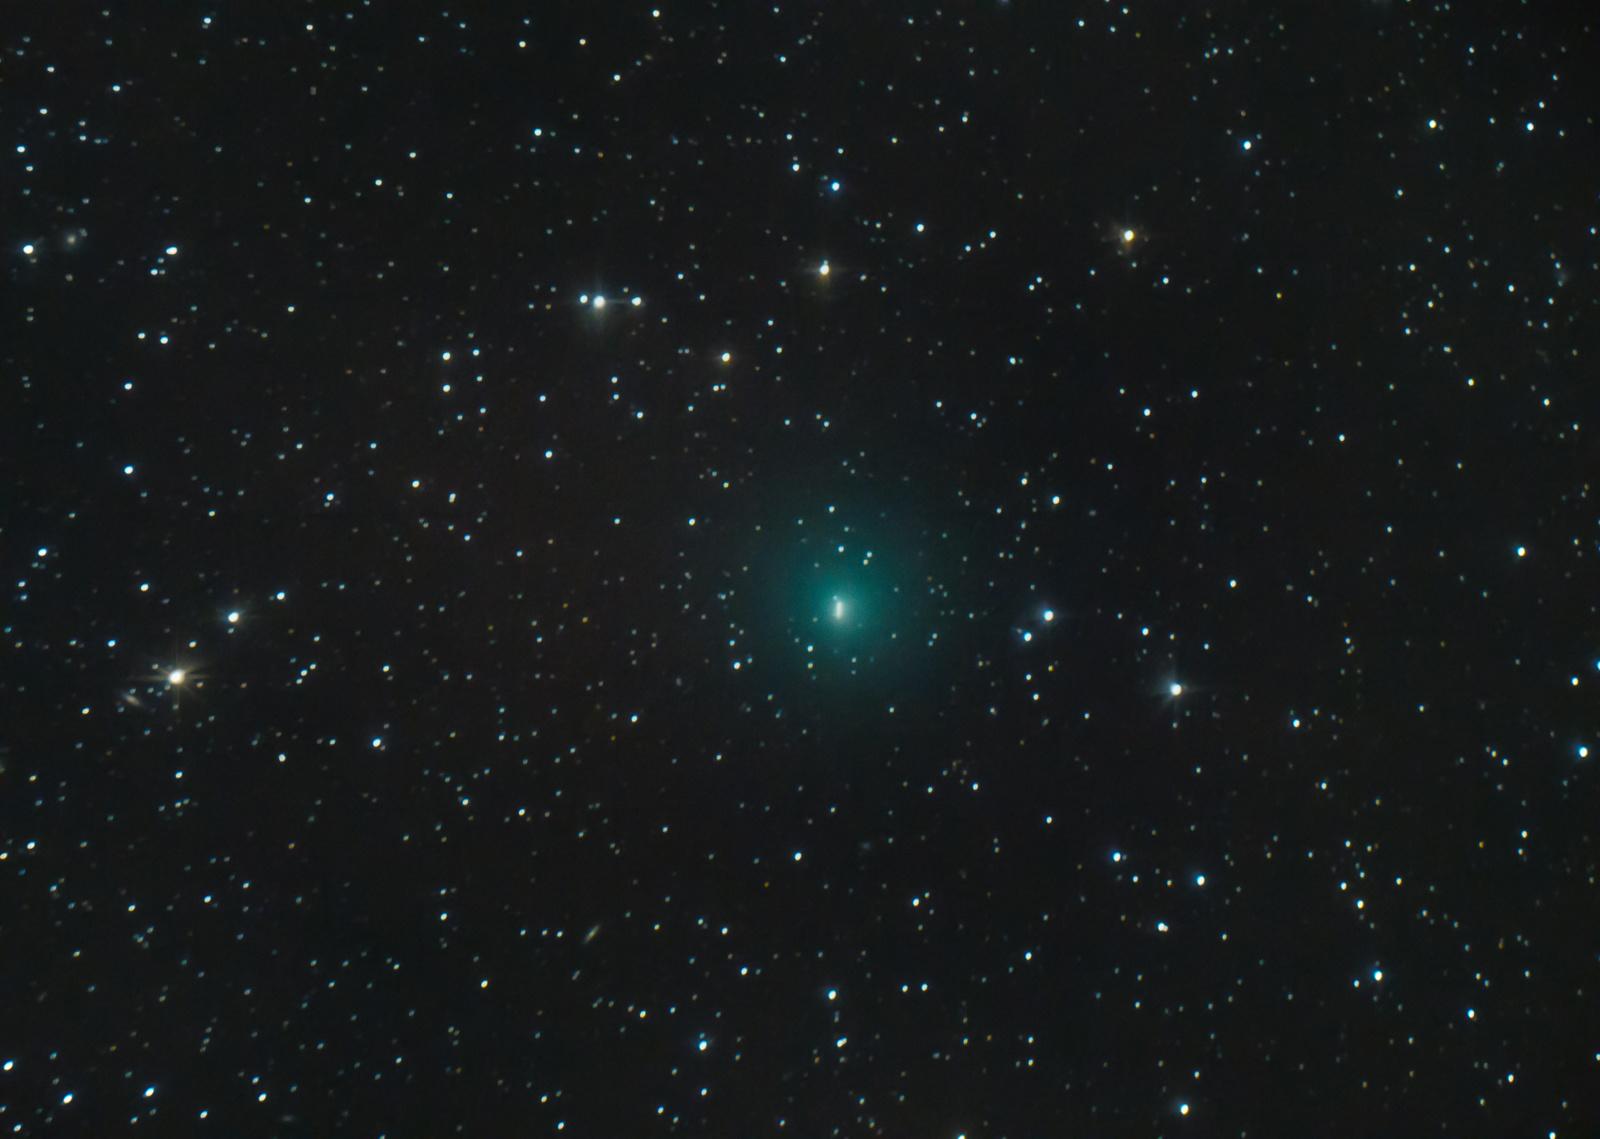 1419213811_kometa_ABEOdzyskano.thumb.jpg.dcfca35ce7b3e70d4ab6a0c402f618b8.jpg